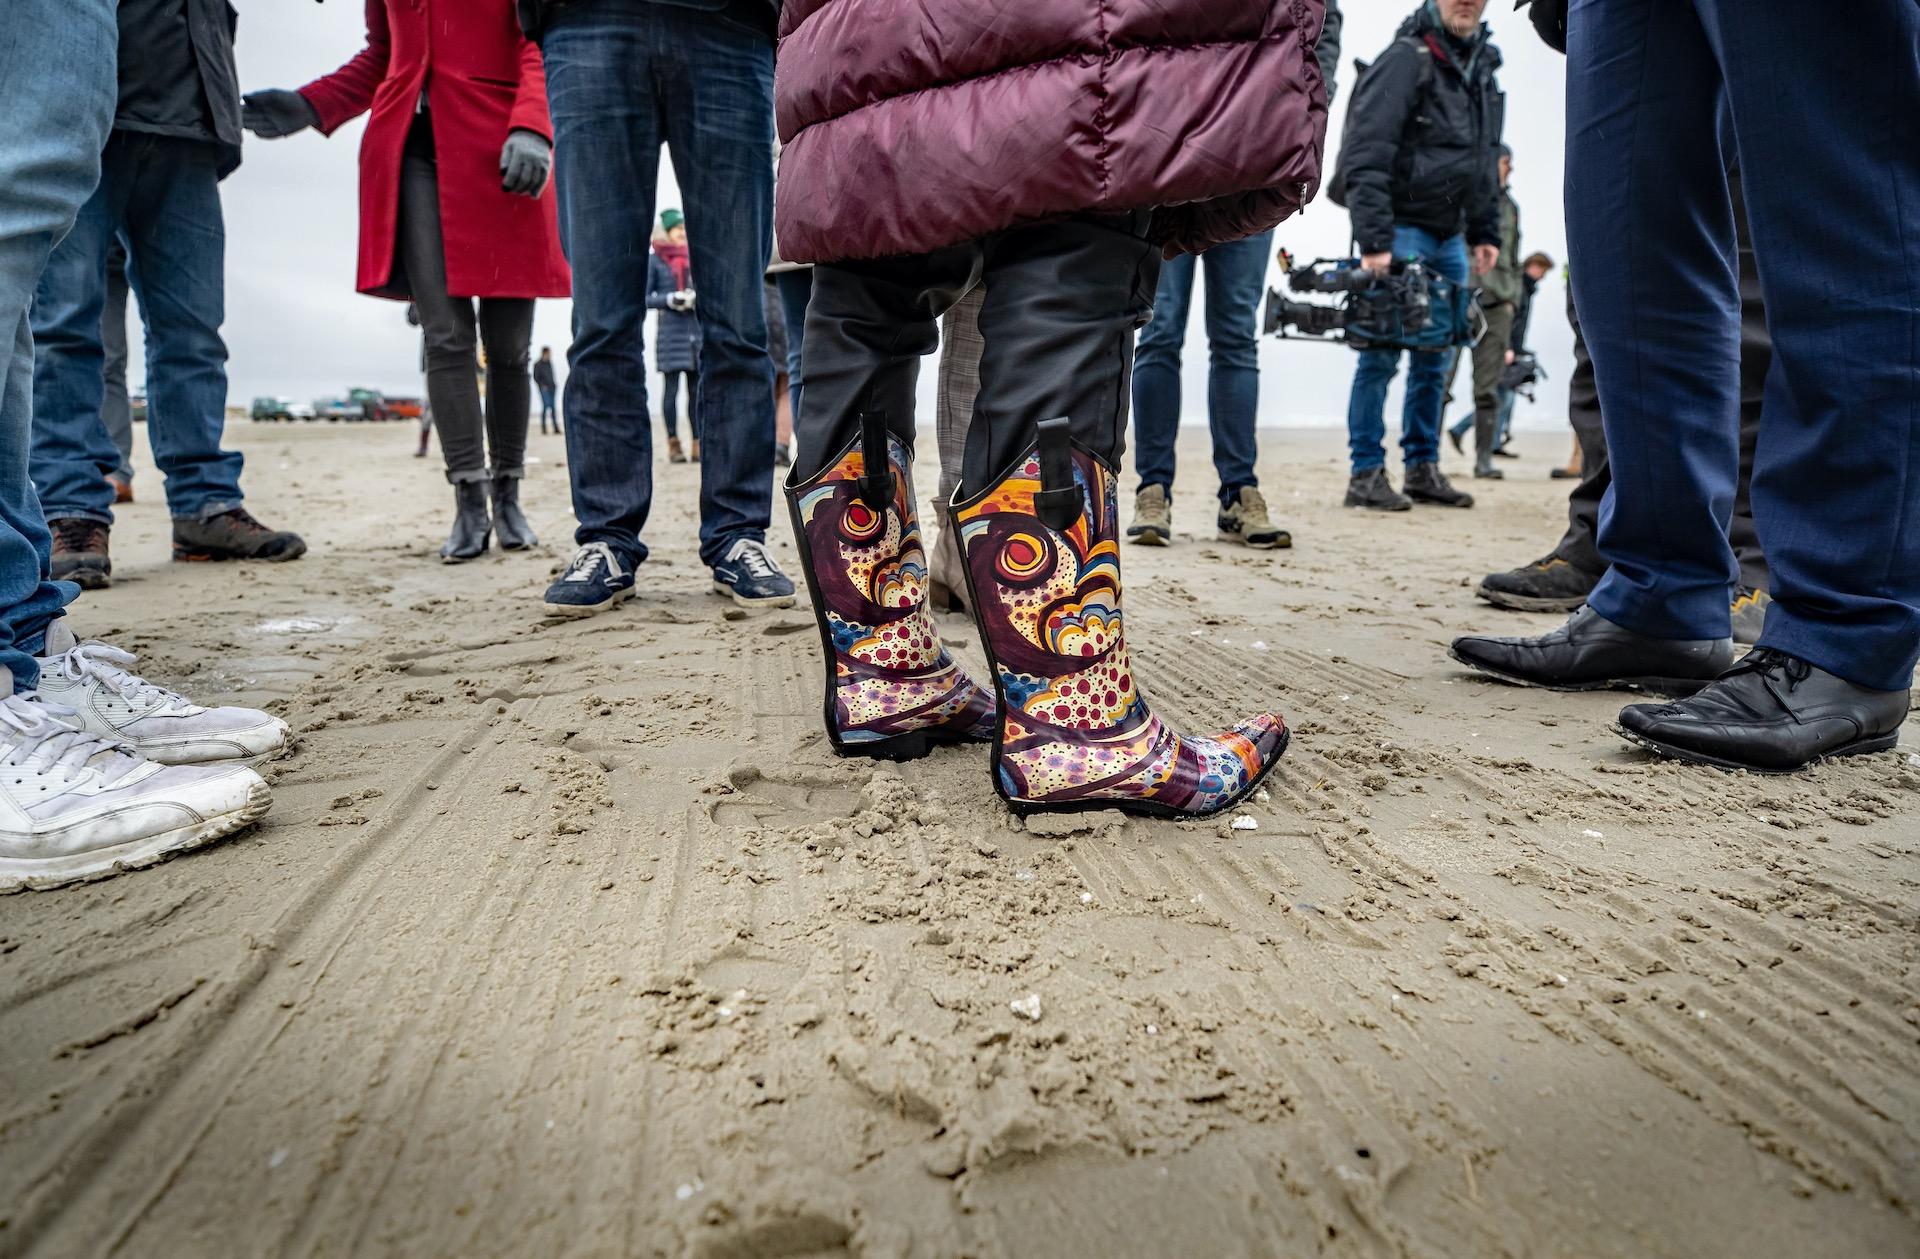 de kleurijke laarzen van de minister  met in het zand met nogal wat plastic  wit op het strandVan Nieuwenhuizen neemt het woord 'ecologische ramp' in de mondMinister Cora van Nieuwenhuizen (Infrastructuur en Waterstaat) brengt donderdag een werkbezoek aan Terschelling. Ze zal zich daar persoonlijk op de hoogte stellen over de gevolgen van de 290 containers die vorige week zijn verloren door het containerschip MSC Zoe bij de Waddeneilanden. foto 6